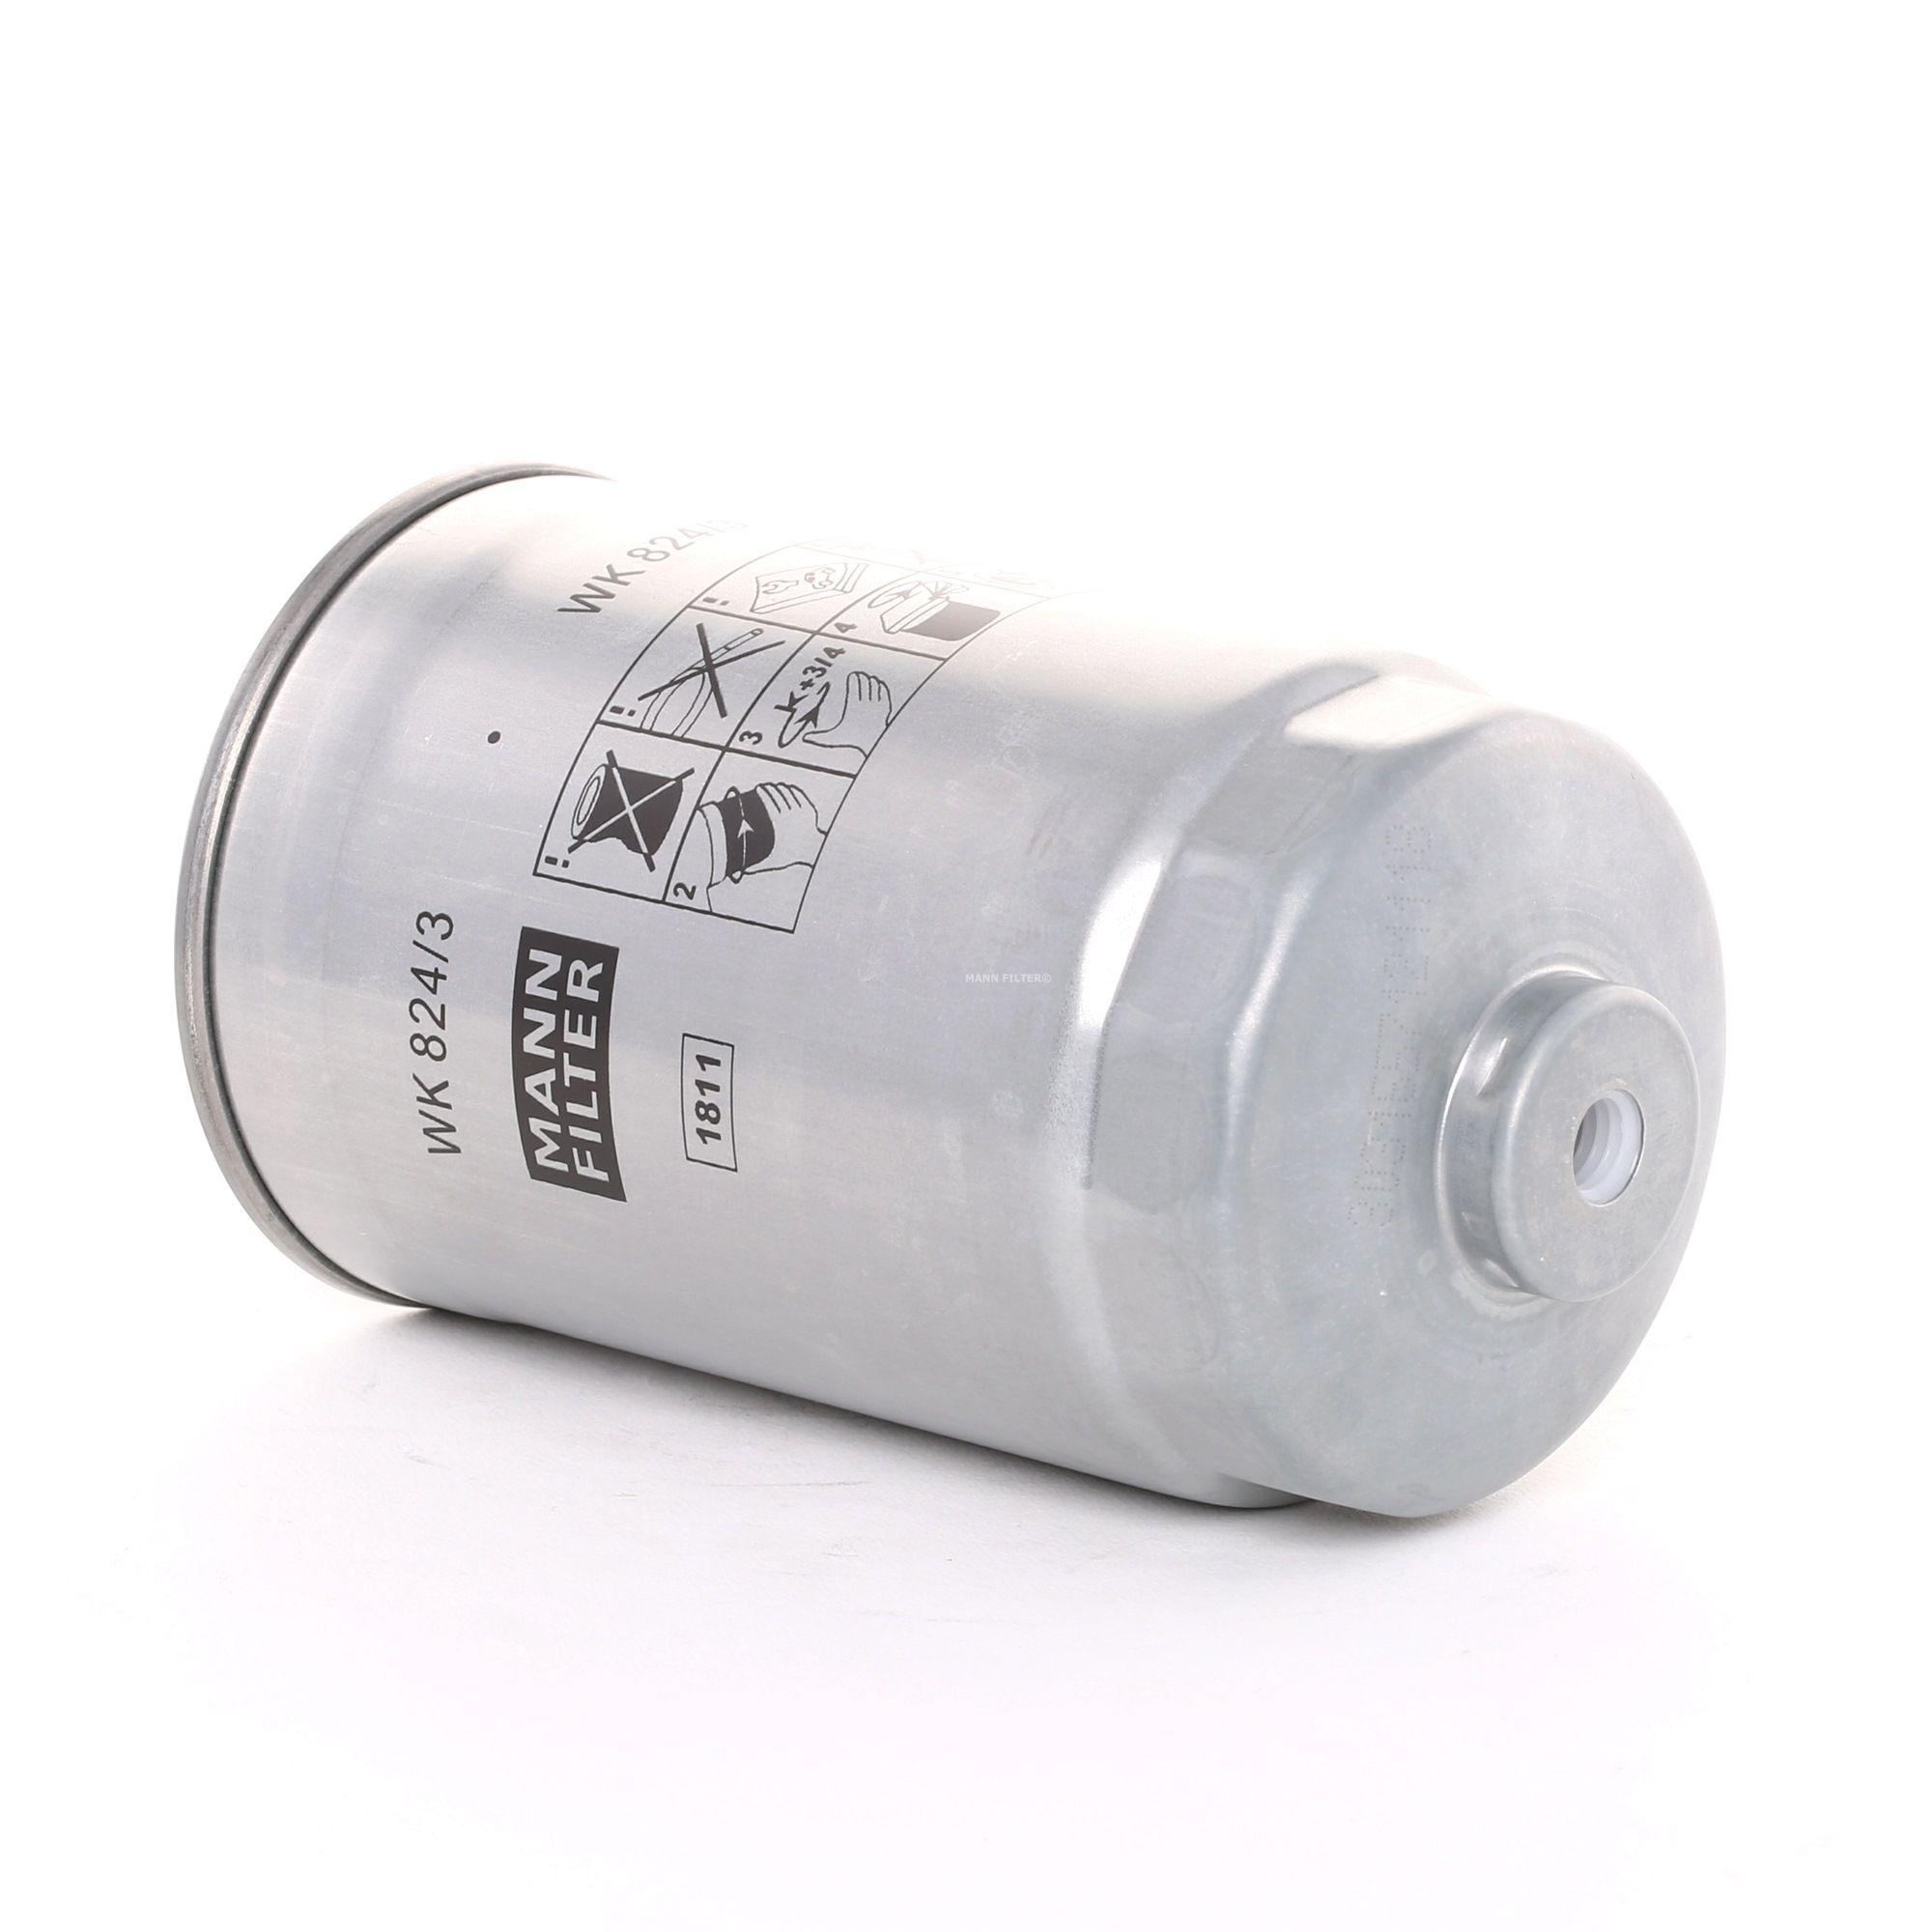 Palivový filtr WK 824/3 s vynikajícím poměrem mezi cenou a MANN-FILTER kvalitou